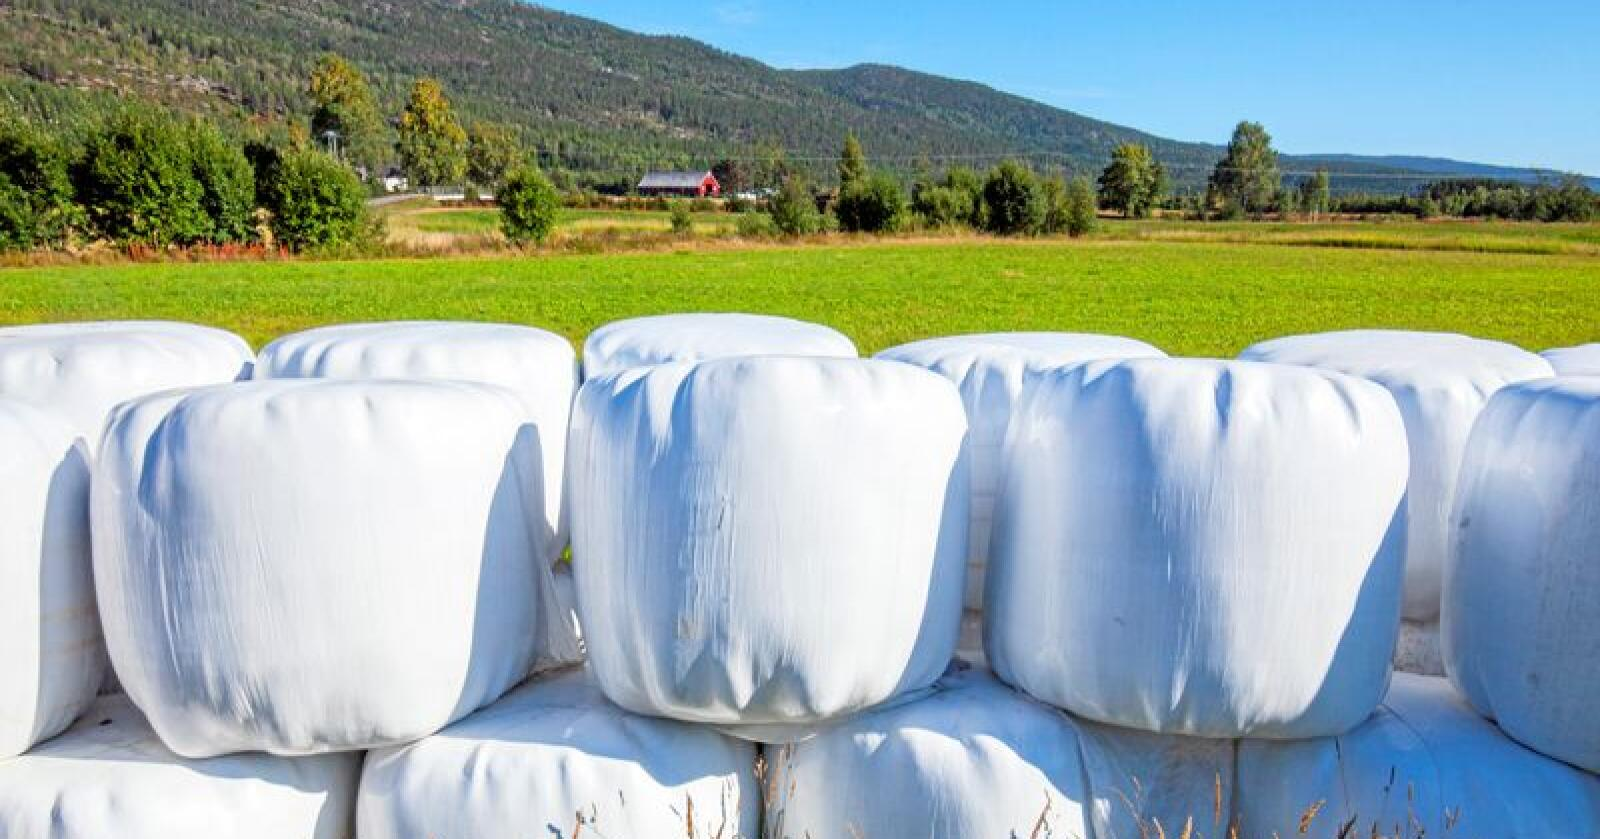 Landbruksdirektoratet har laget en utredning om hvordan man på sikt kan øke produksjonen og bruken av norsk fôr i landbruket. Illustrasjonsfoto: Halvard Alvik/NTB